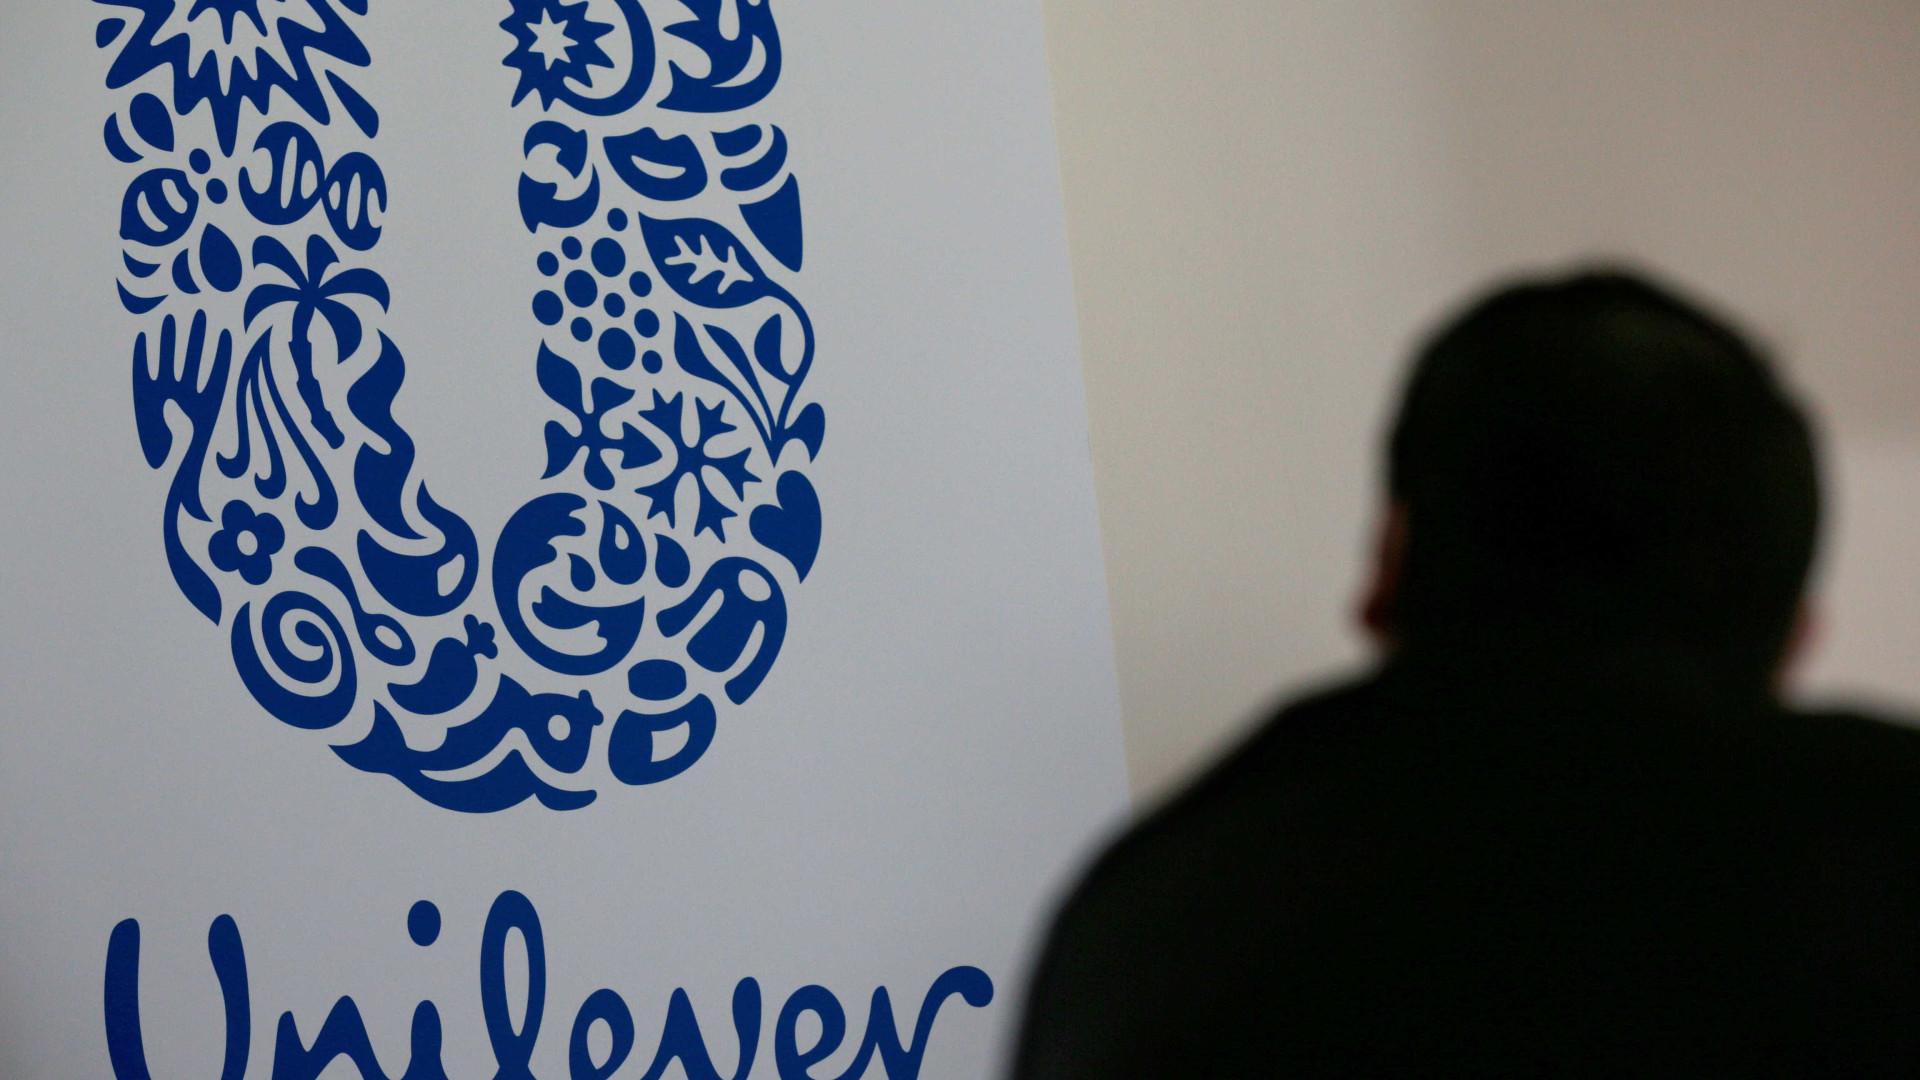 Kraft Heinz quer fusão com Unilever mas proposta foi recusada